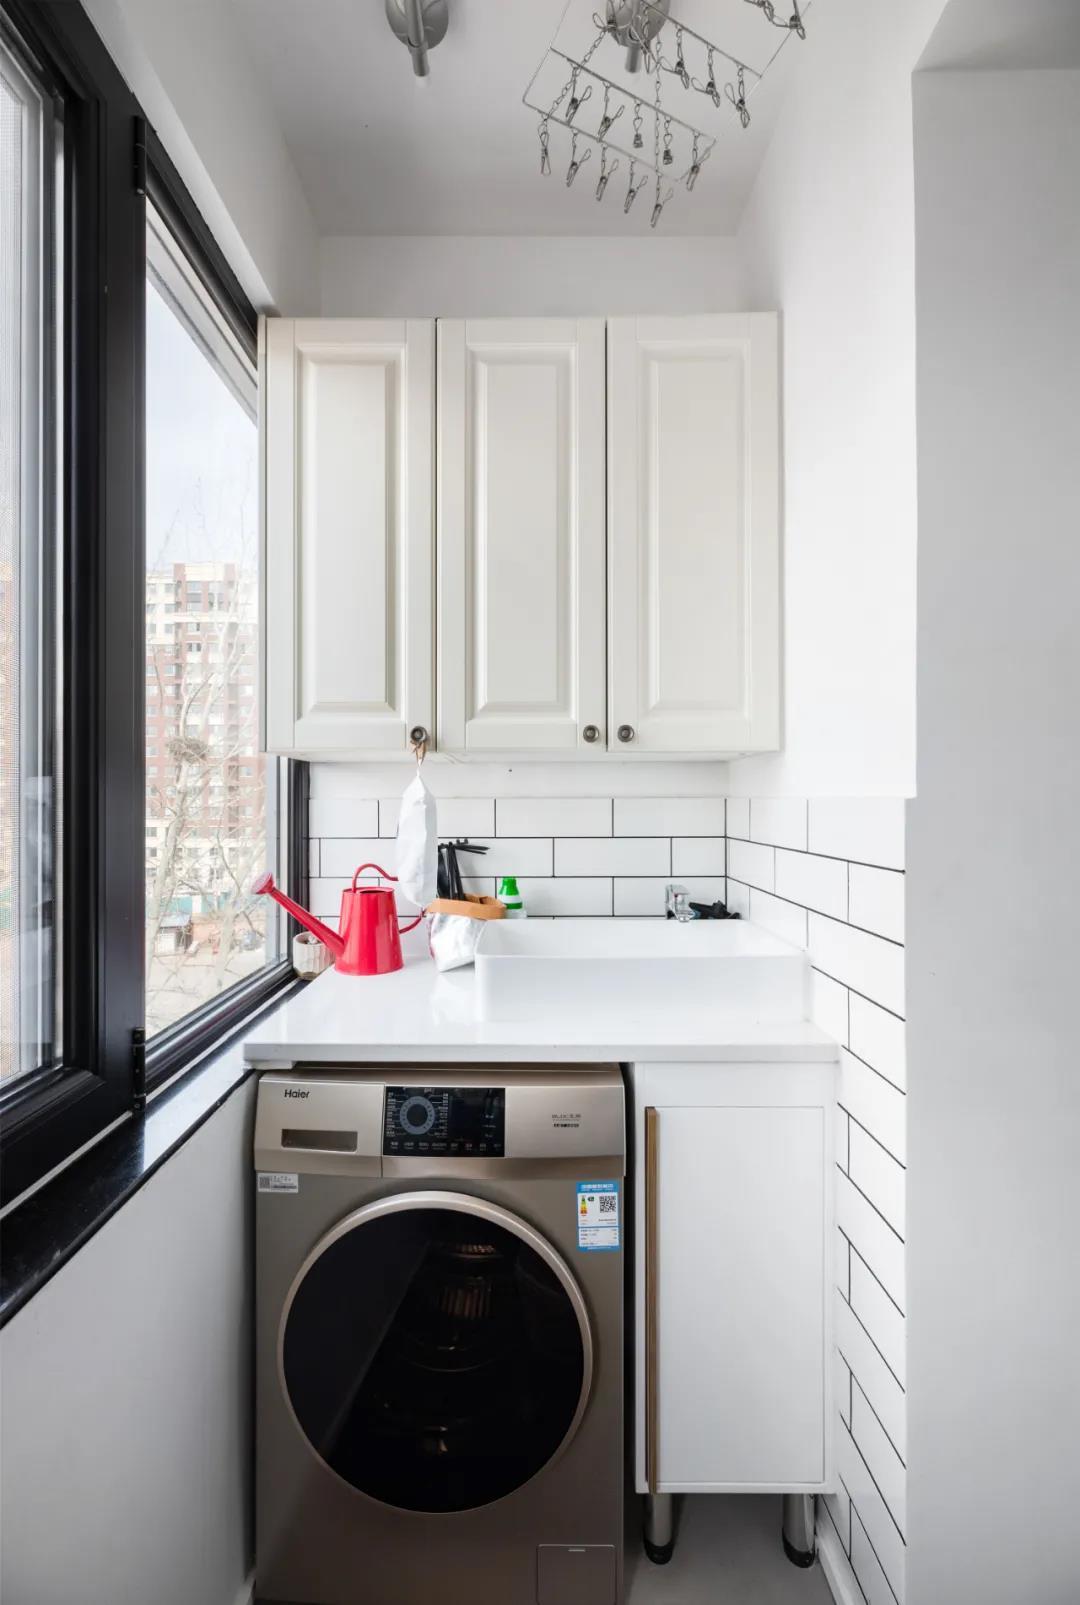 陽台空間設計爲洗衣處是非常合理的布置,縮短了洗衣動線,提高了生活便捷度。